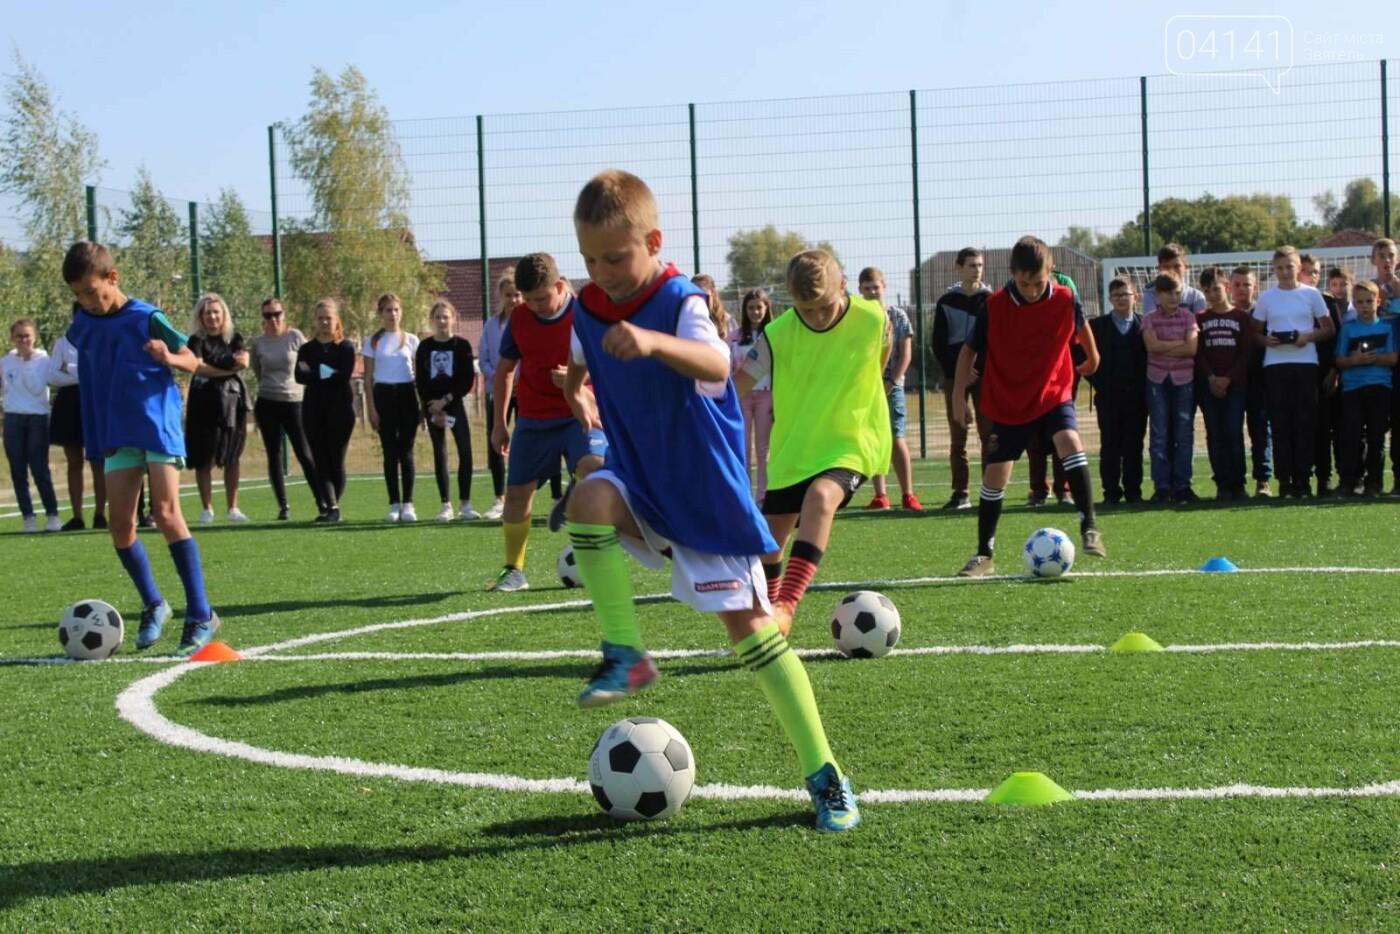 У Новограді відкрили  міні-футбольне поле зі штучним покриттям (ФОТО, ВІДЕО), фото-4